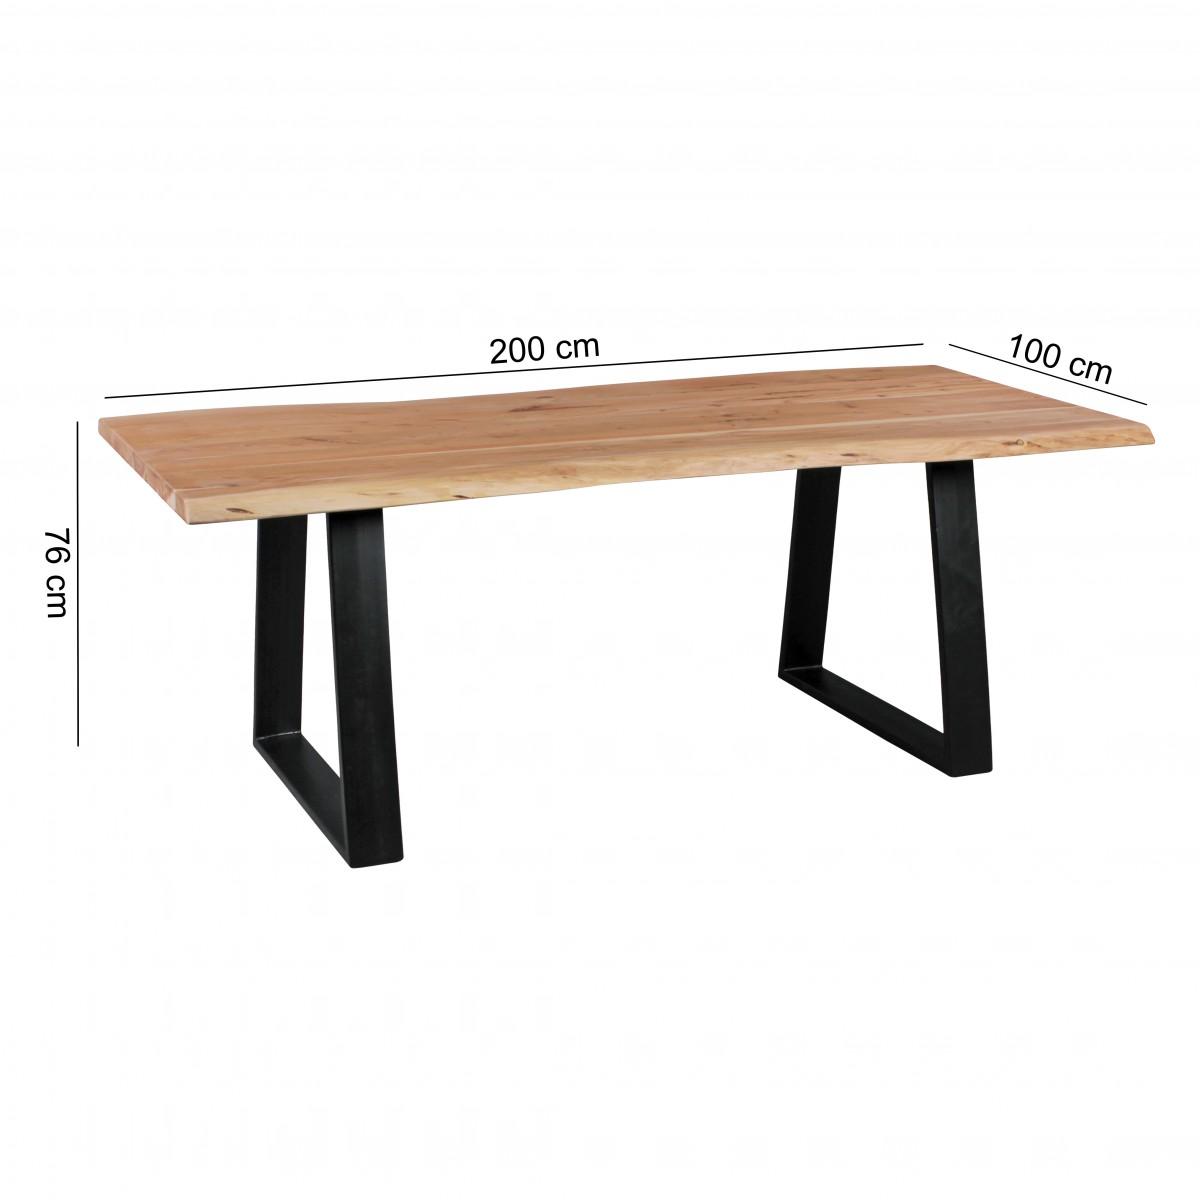 Jídelní stůl Gaya, 200 cm, masiv akát